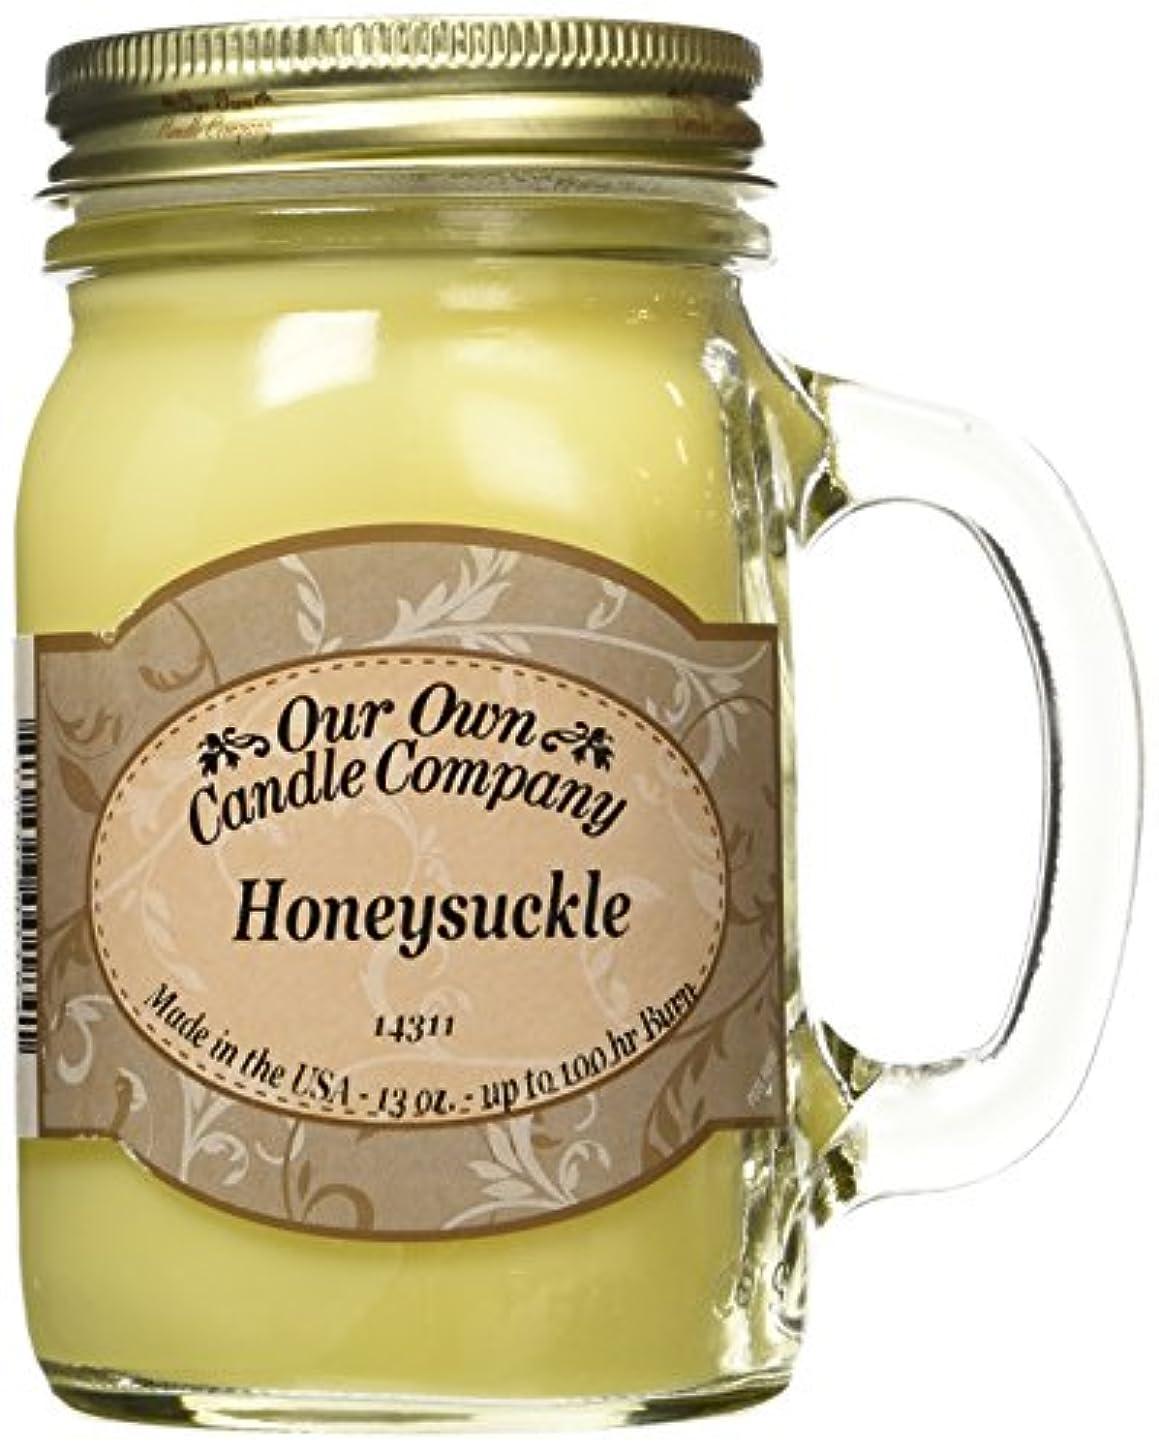 シマウマ何よりもセッティングアロマキャンドル メイソンジャー ハニーサックル ビッグ Our Own Candle Company Honeysuckle big 日本未発売フレグランス